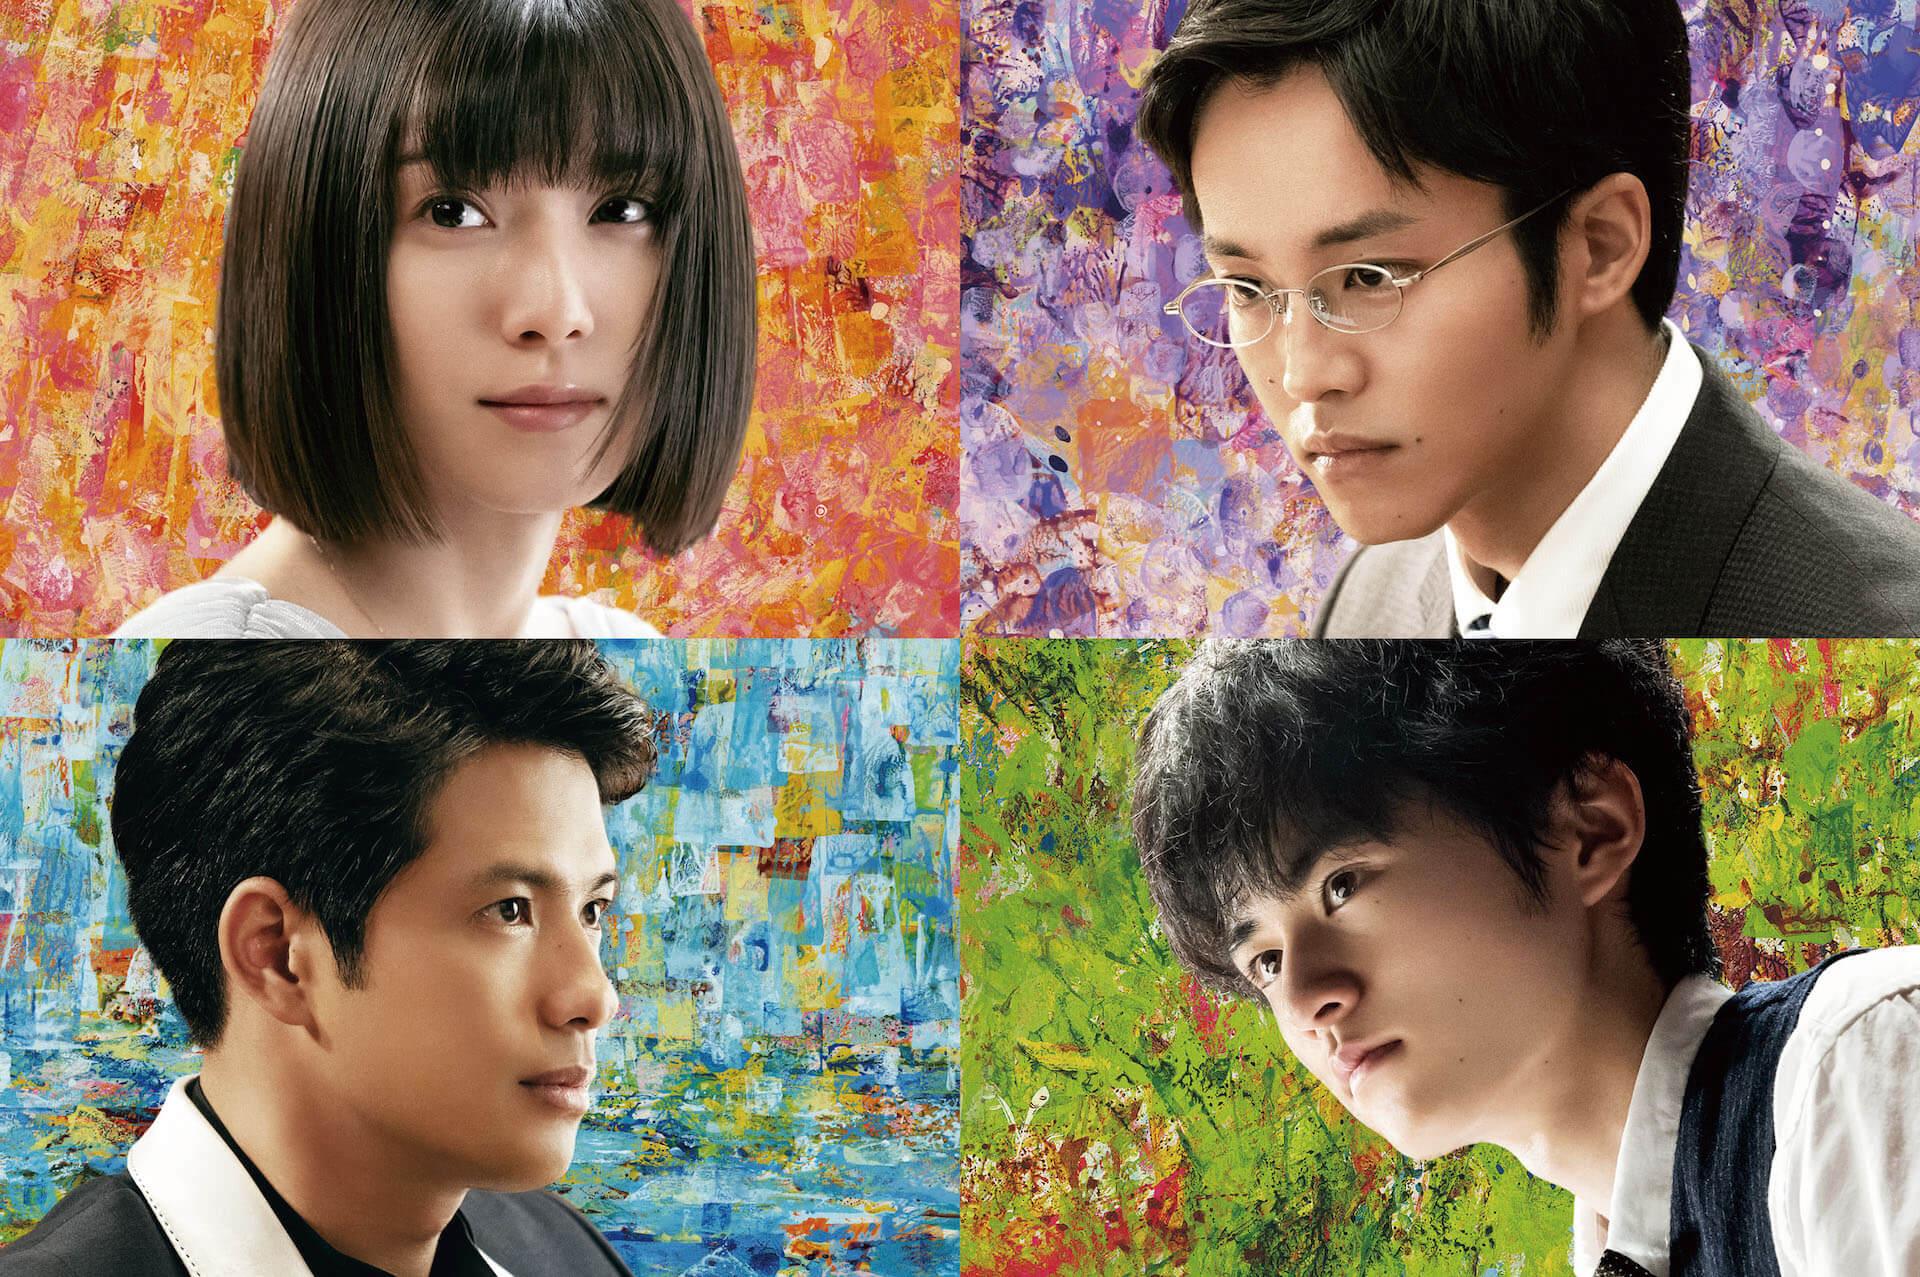 『となりのトトロ』が劇場に帰ってくる!<映画のまち調布 シネマフェスティバル2021>開催で人気作品が上映決定 film201201_chofu_eiga_8